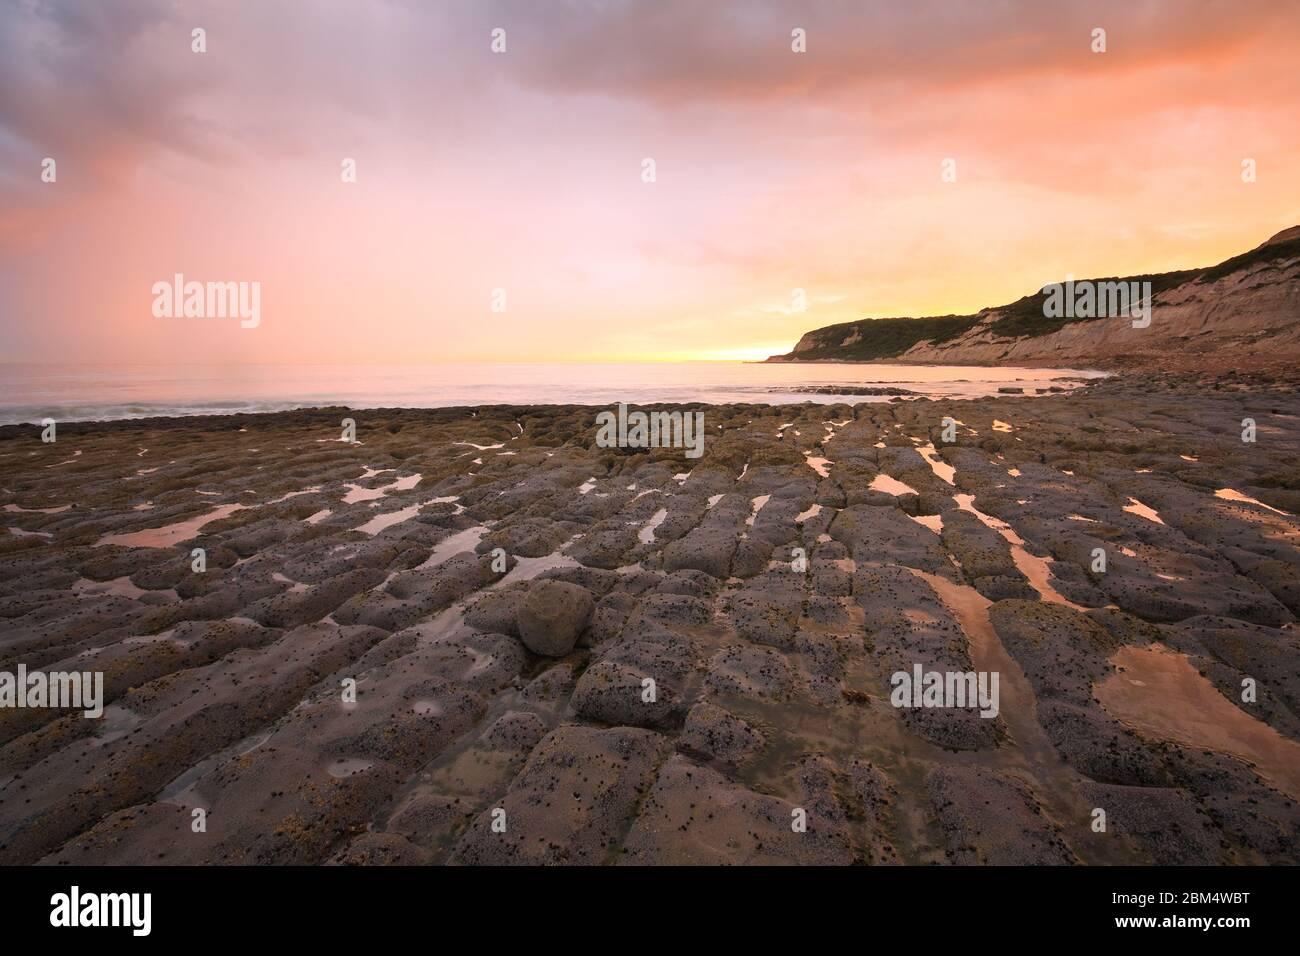 Formations rocheuses de plage à marée basse près de Hastings, Royaume-Uni. Banque D'Images